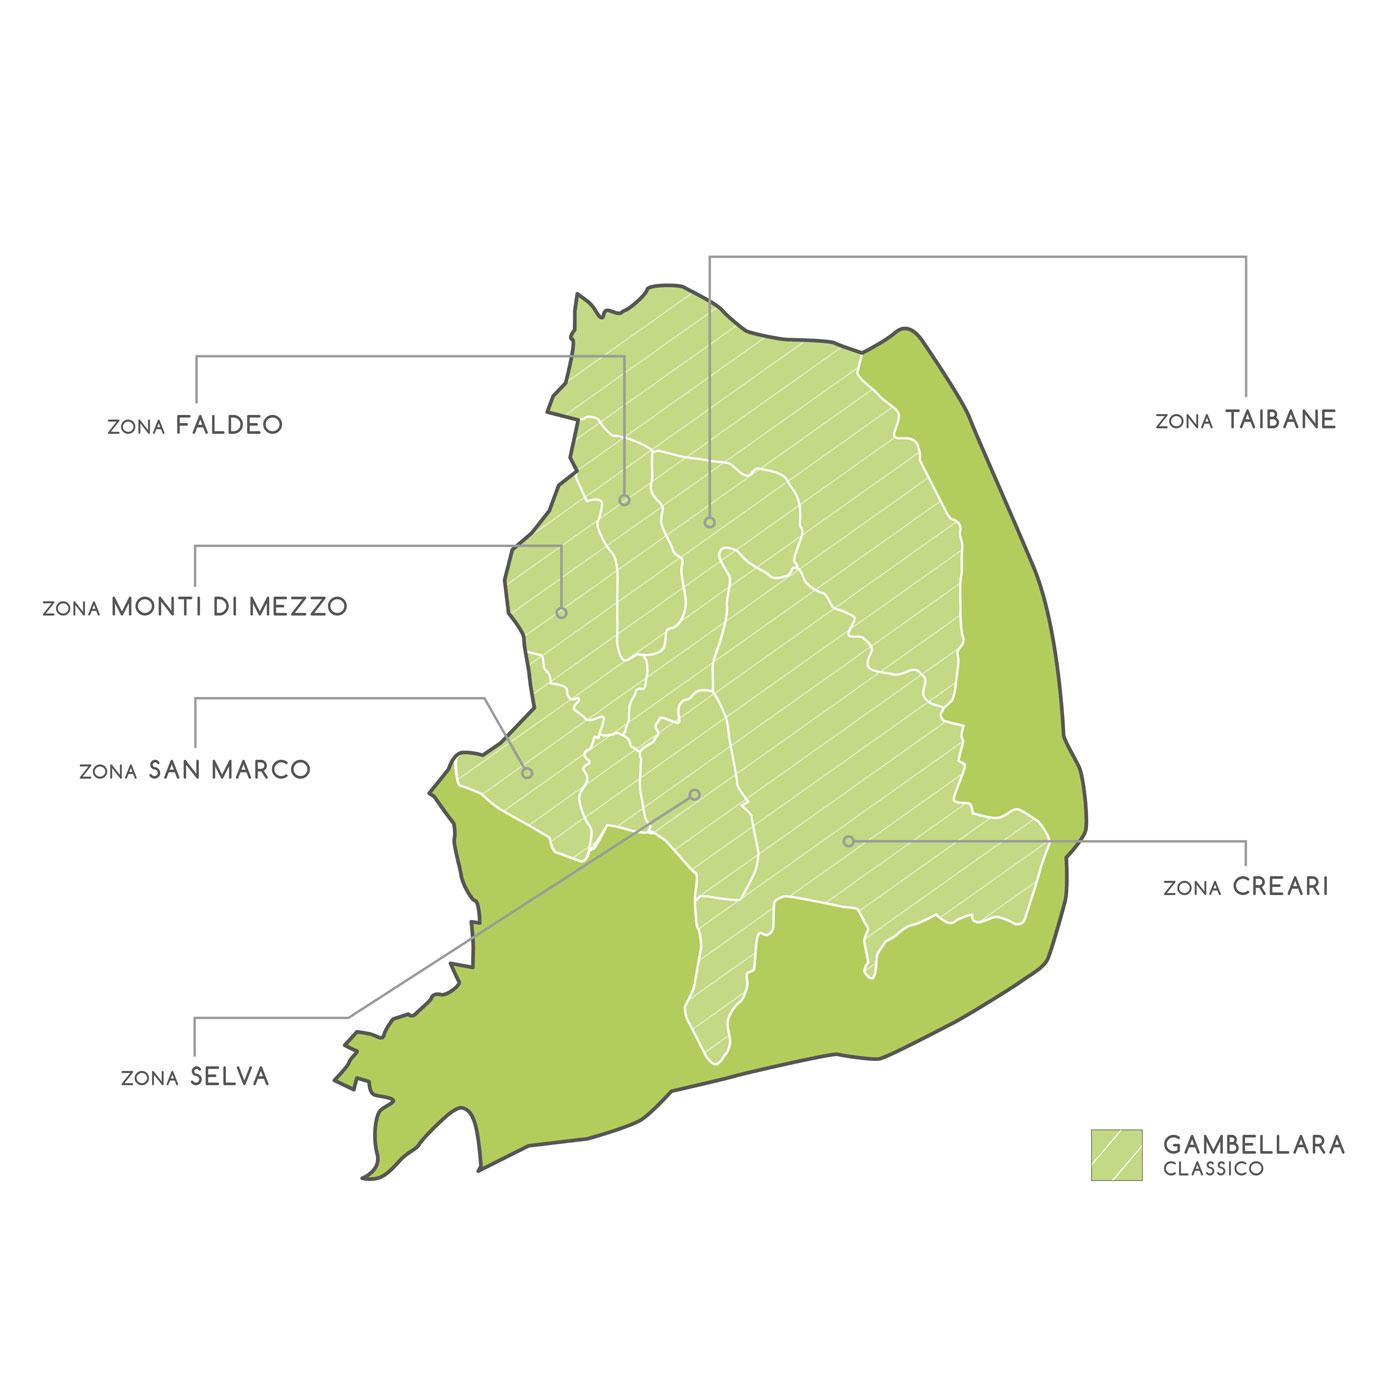 mappa-CRU-Gambellara